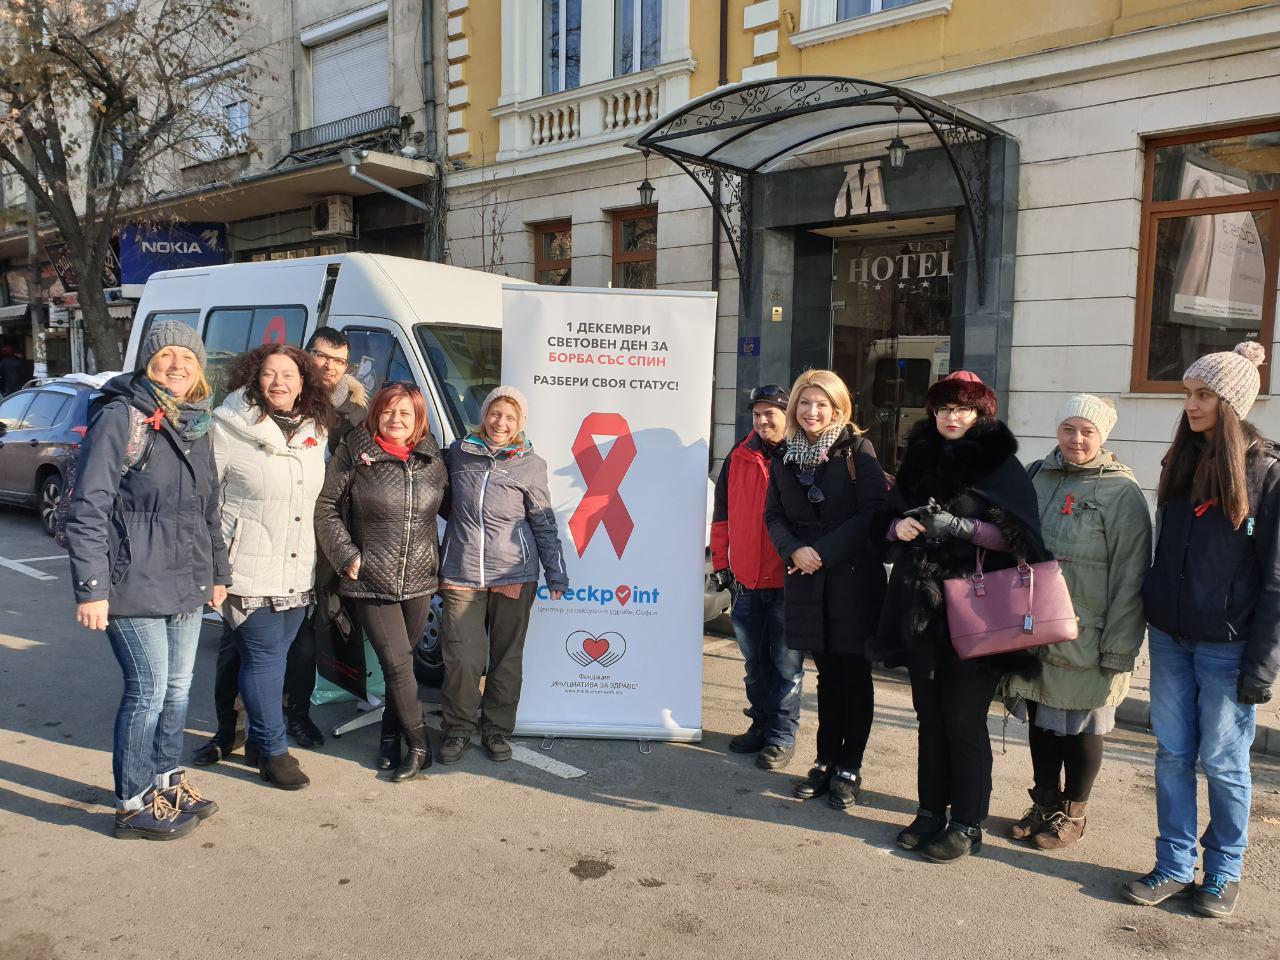 55 човека си направиха анонимни и безплатни тестове за ХИВ в София на 1 декември